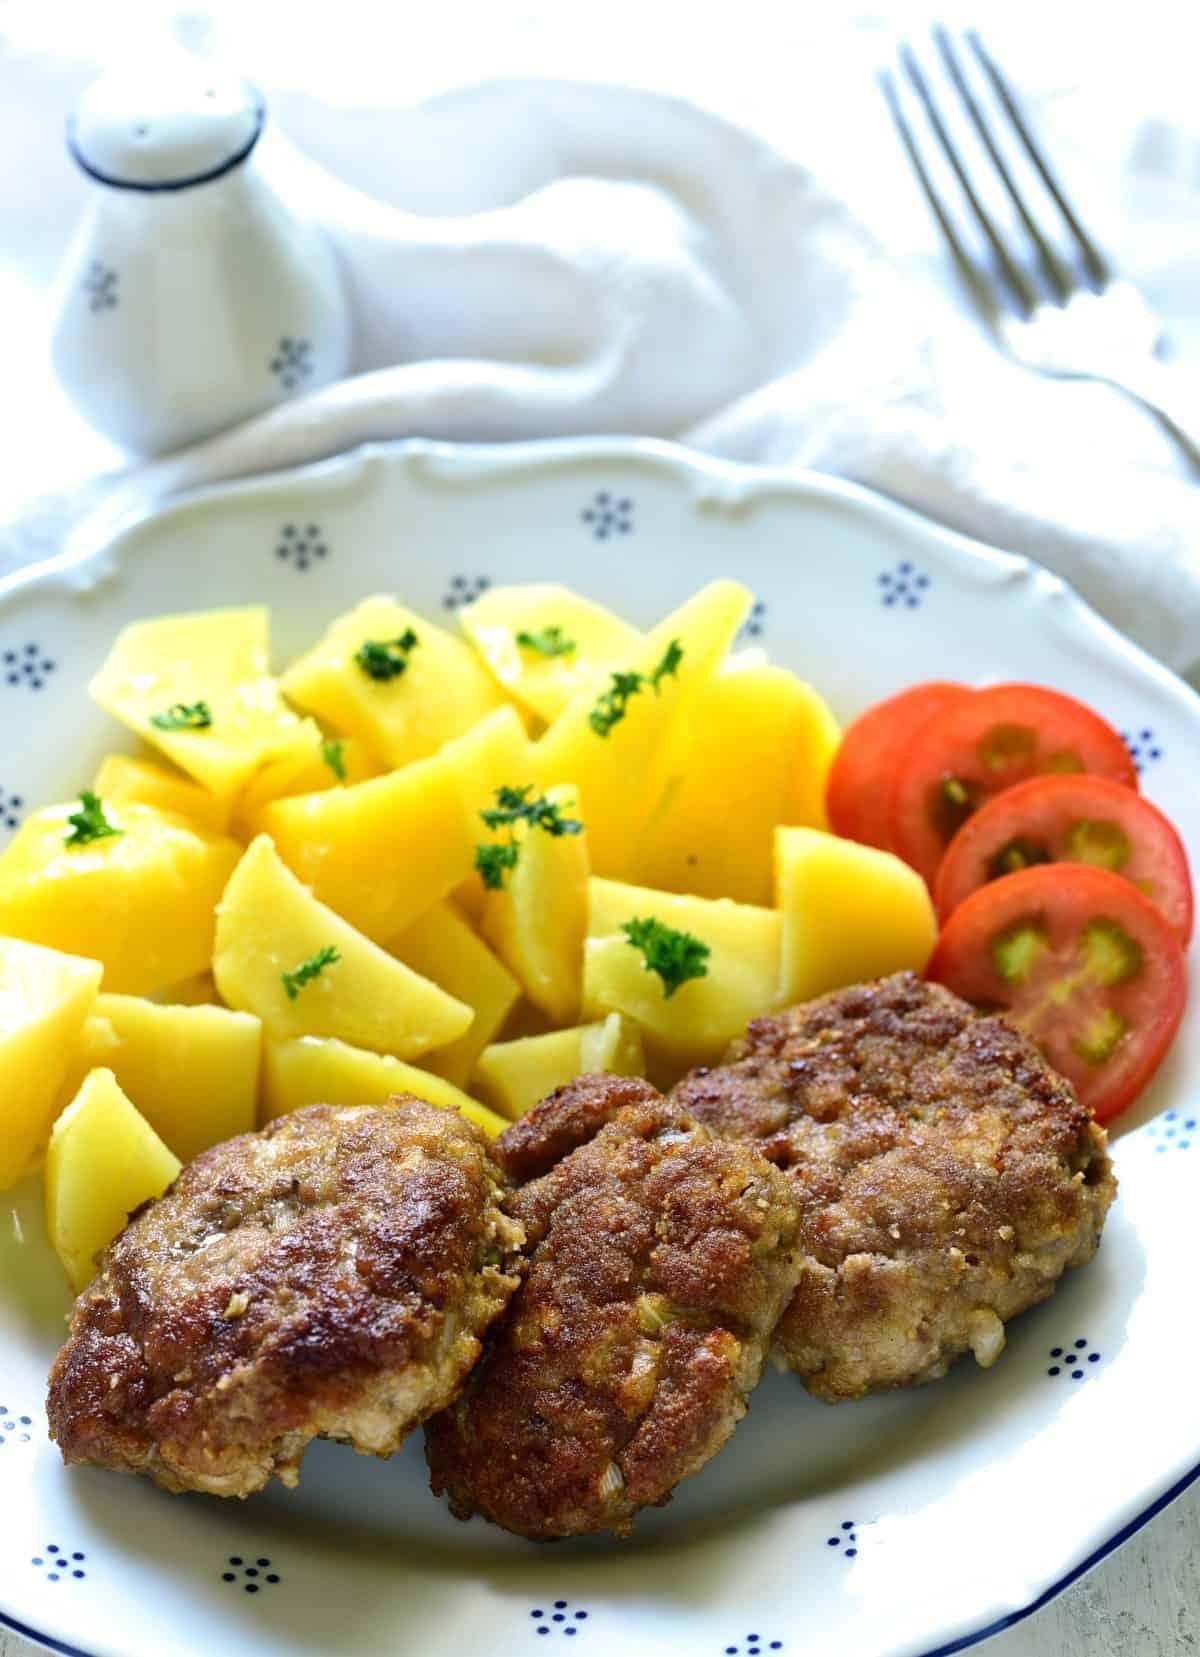 czech karabanek served with potatoes.